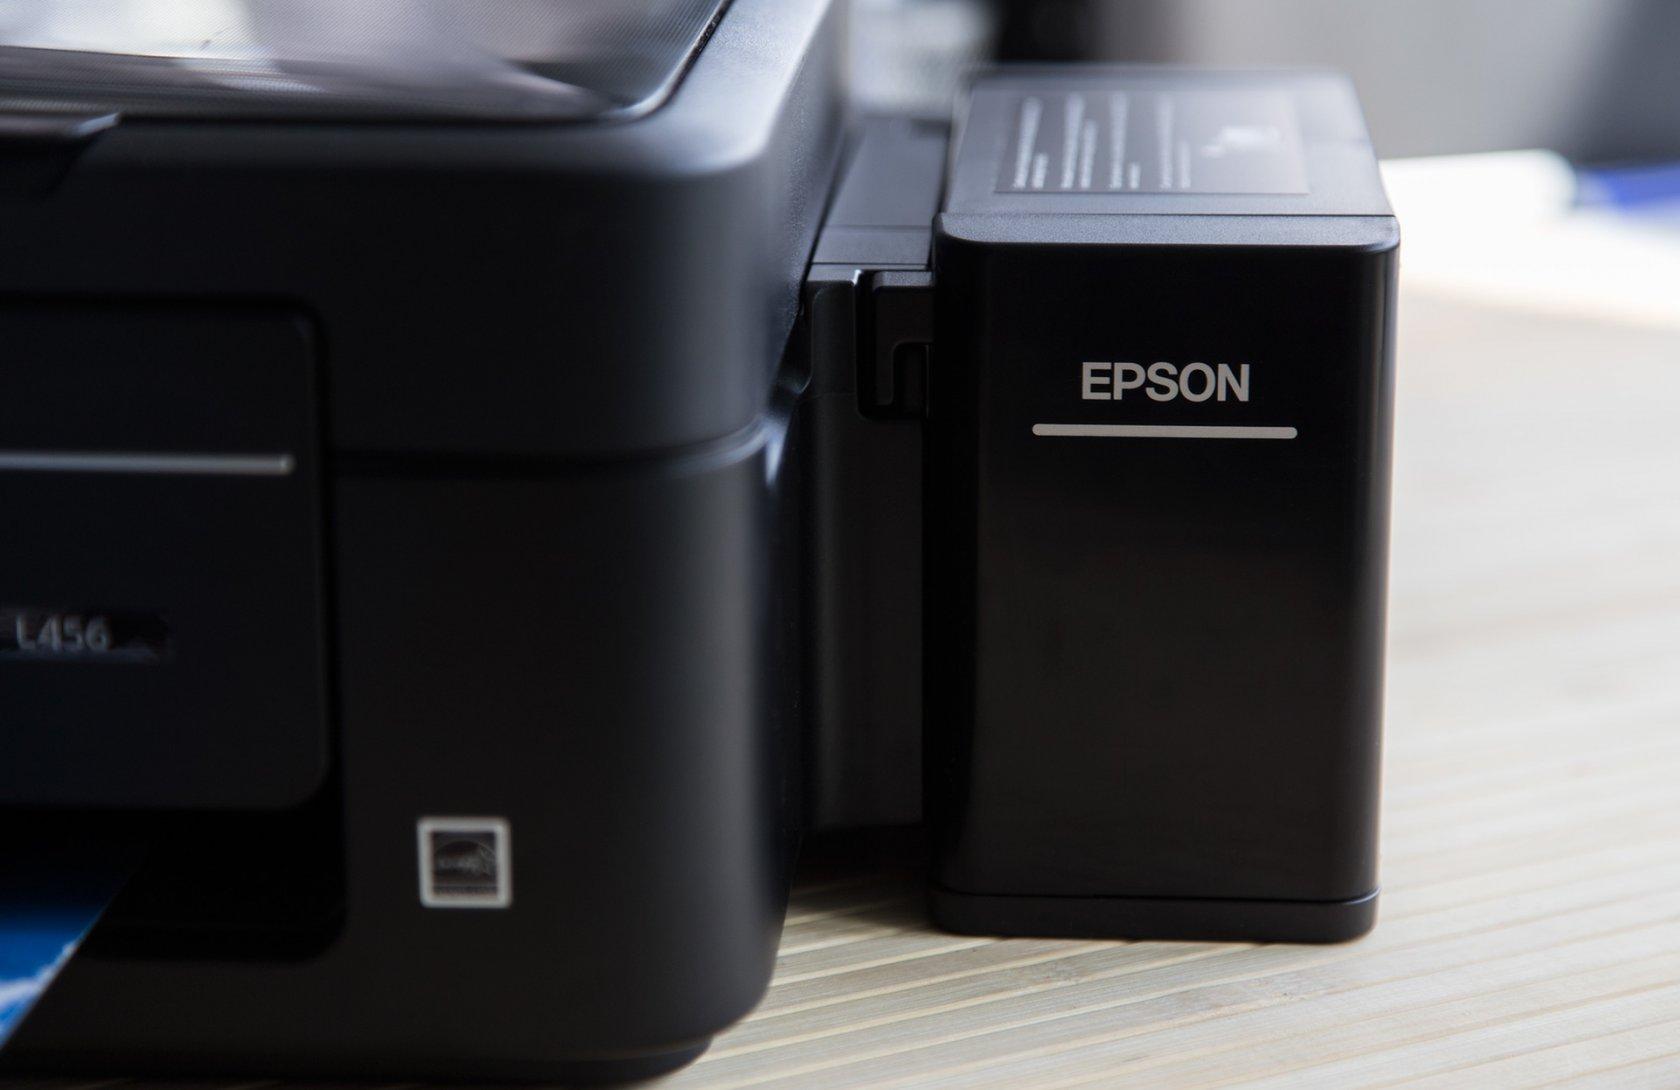 Epson L456 c СНПЧ. Кому экономичное МФУ? - 6